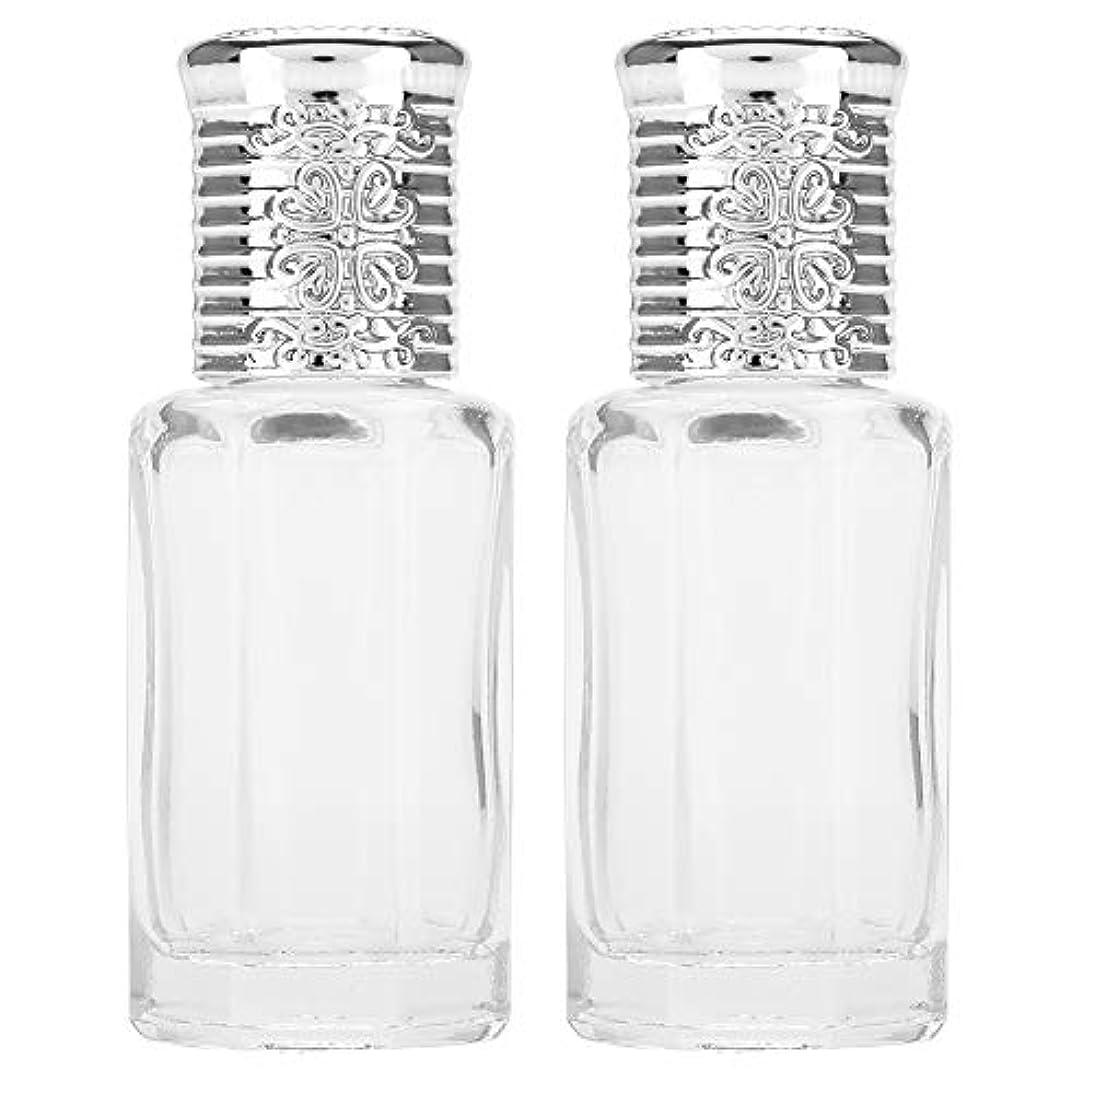 散らす無関心下に向けます2枚ガラスローラーボトル 香水、エッセンス、液体物質などのスキンケア製品の保管 ミニローラーボトル(10ML銀)